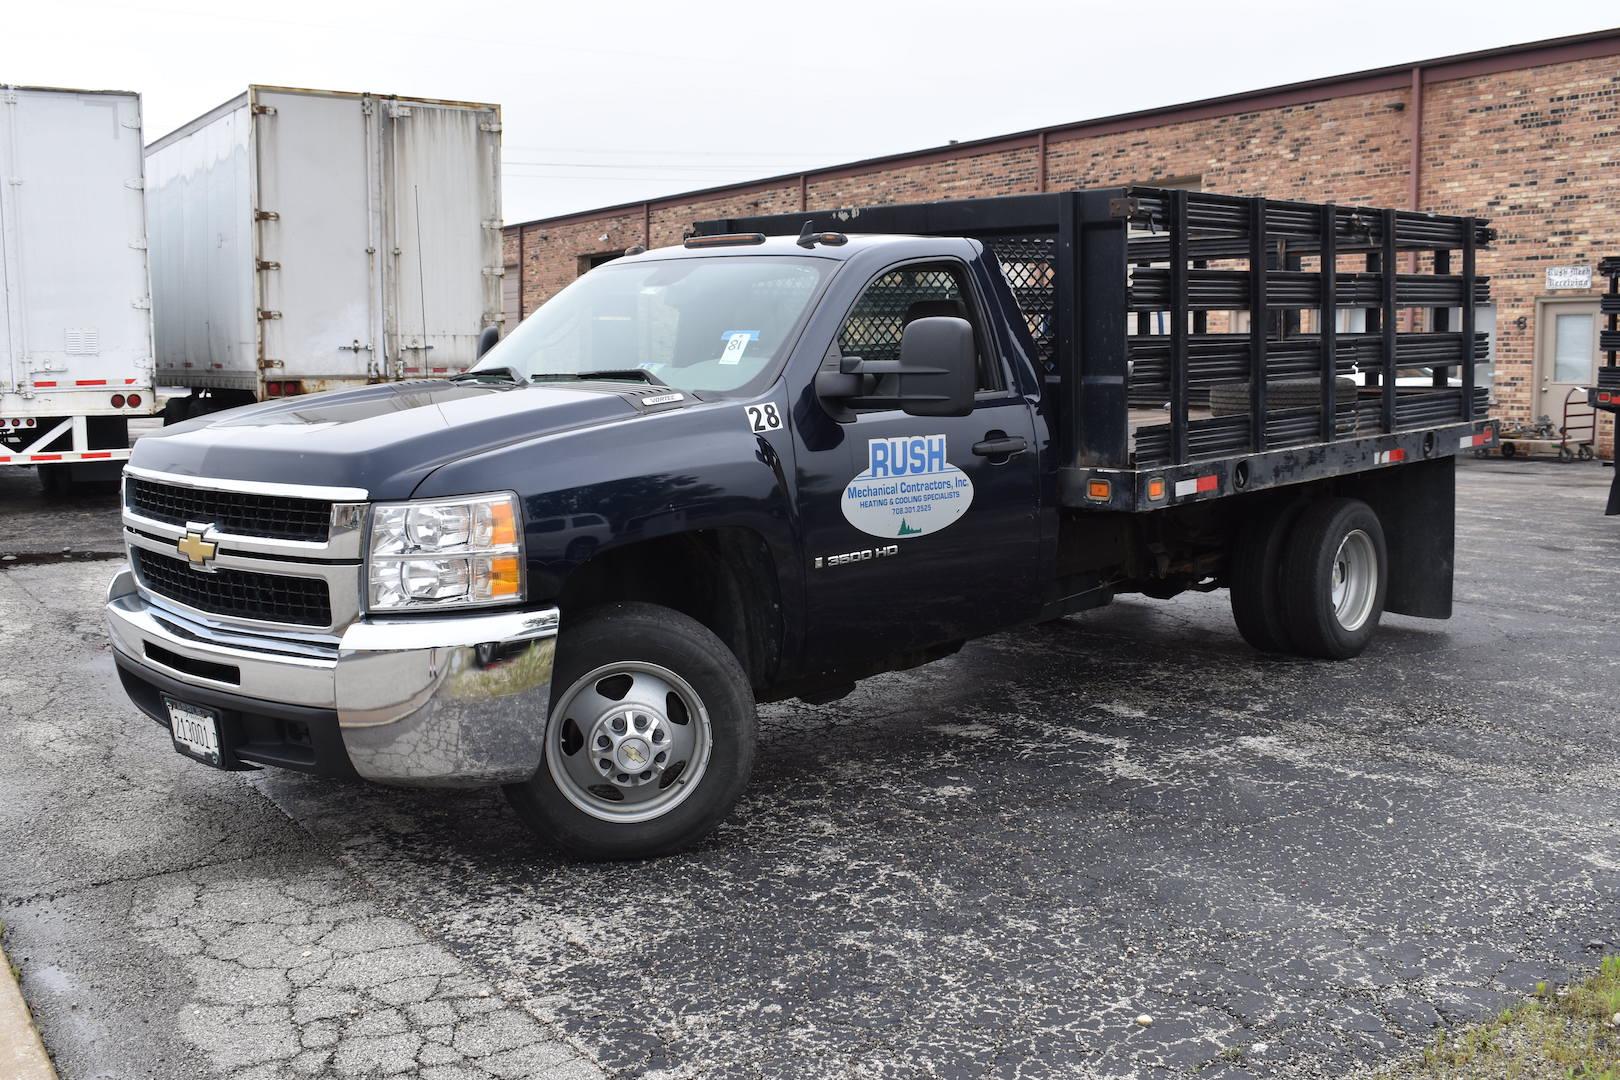 Lot 81 - 2008 Chevrolet Model 3500HD Single-Axle Stake Bed Truck, VIN 1GBJC34K78E206668, Approx. 99,000